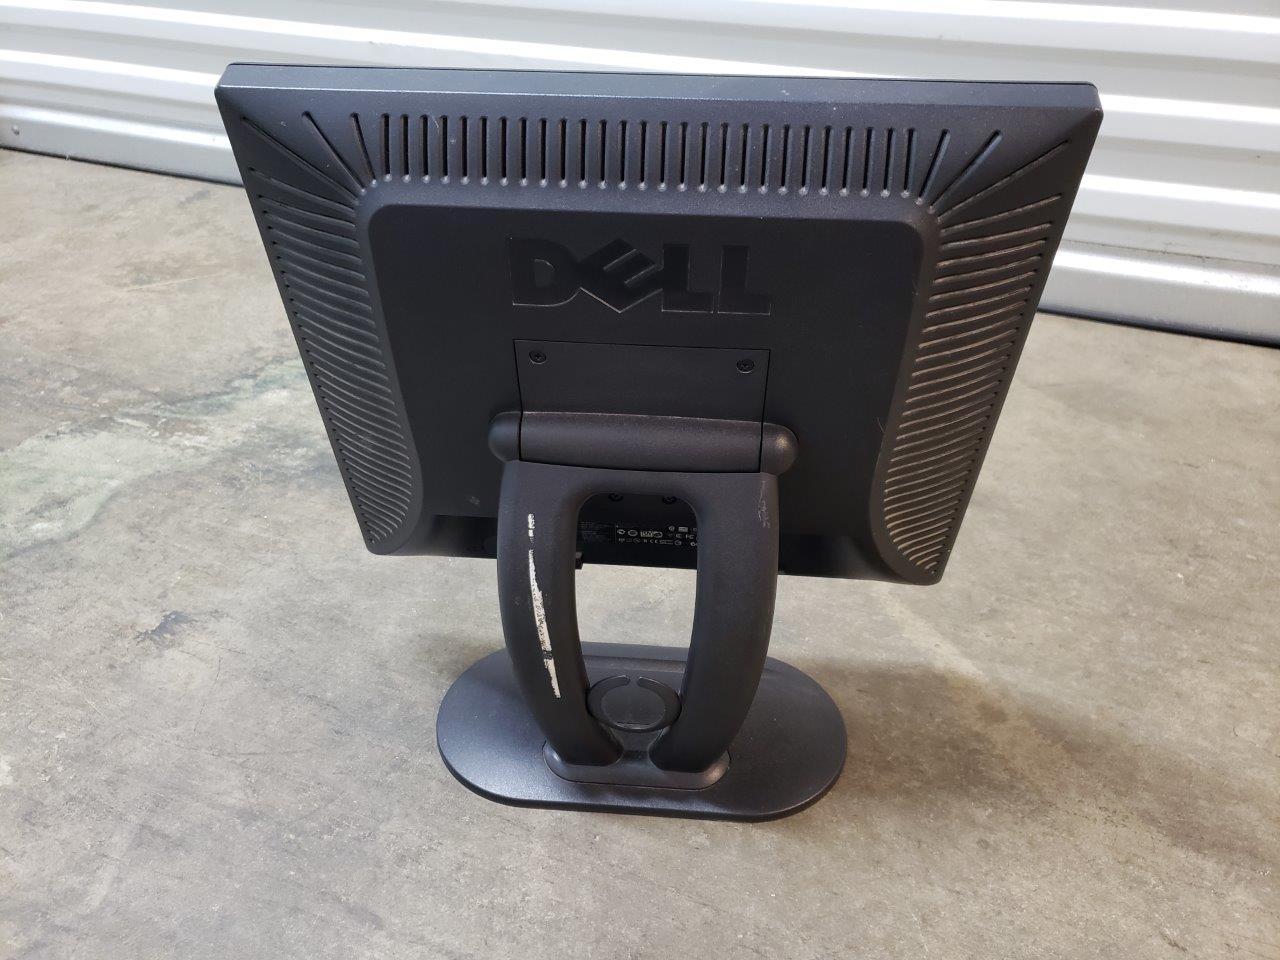 Dell E173FPf 17 inch Flat Panel Color Monitor